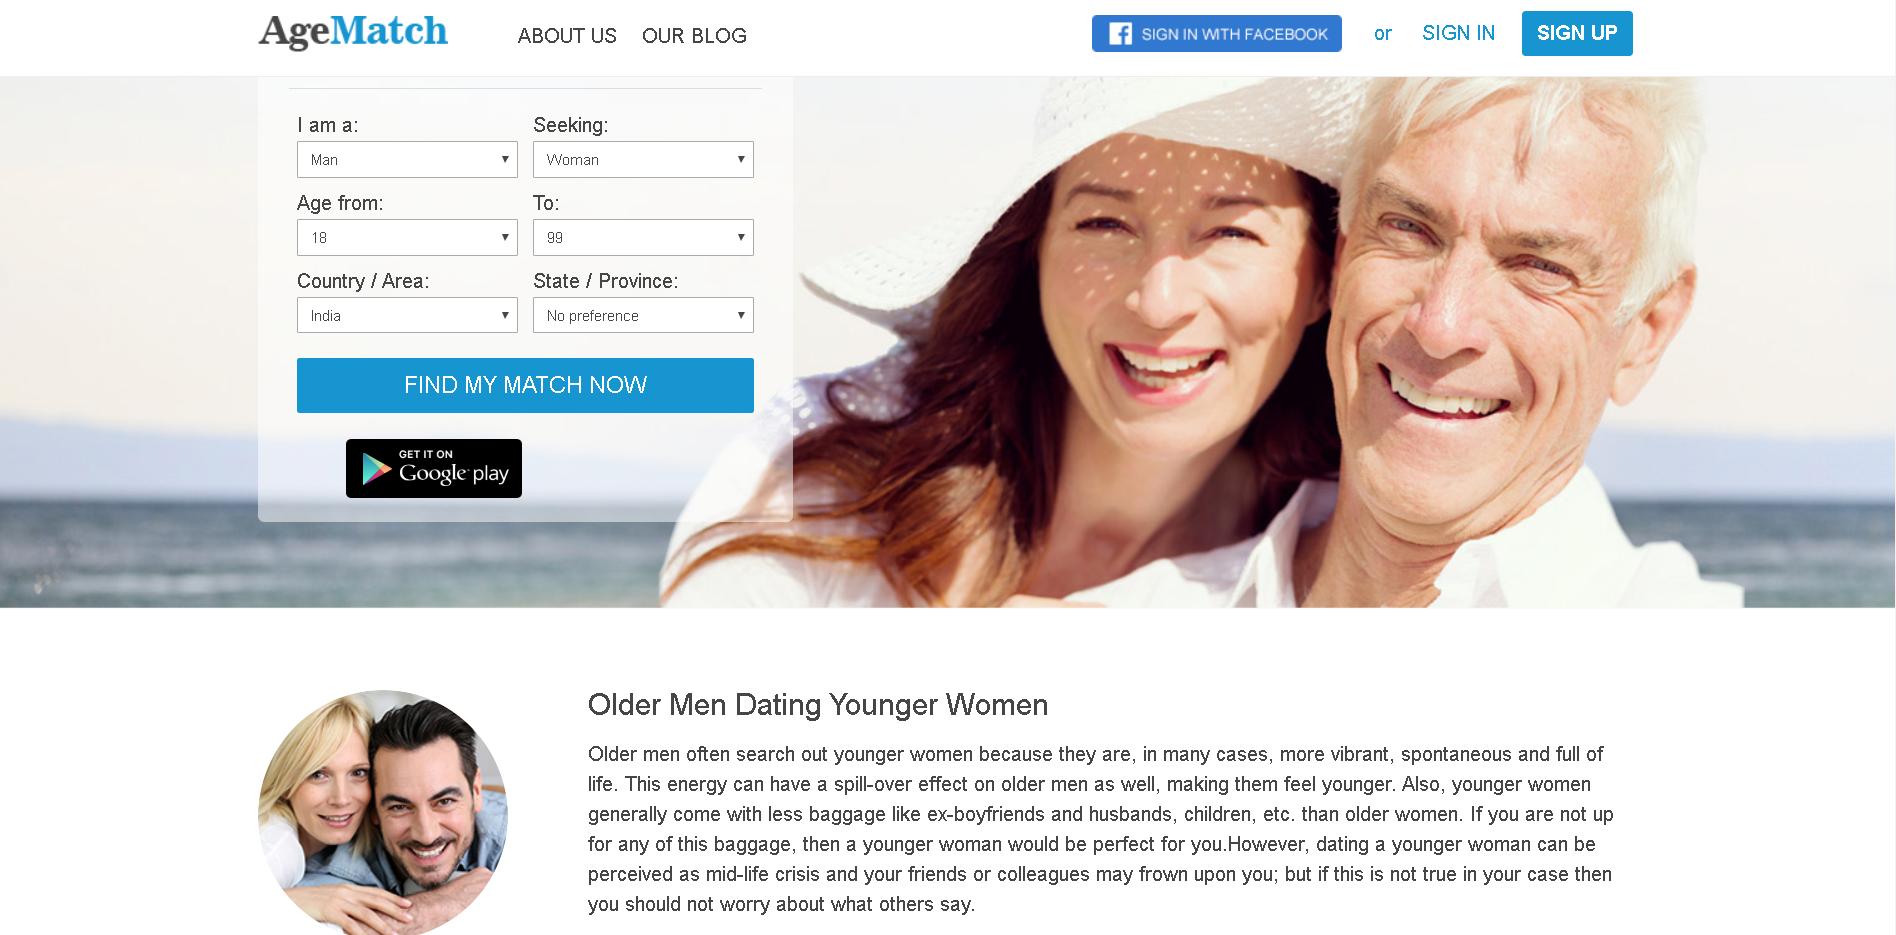 Age Match Image